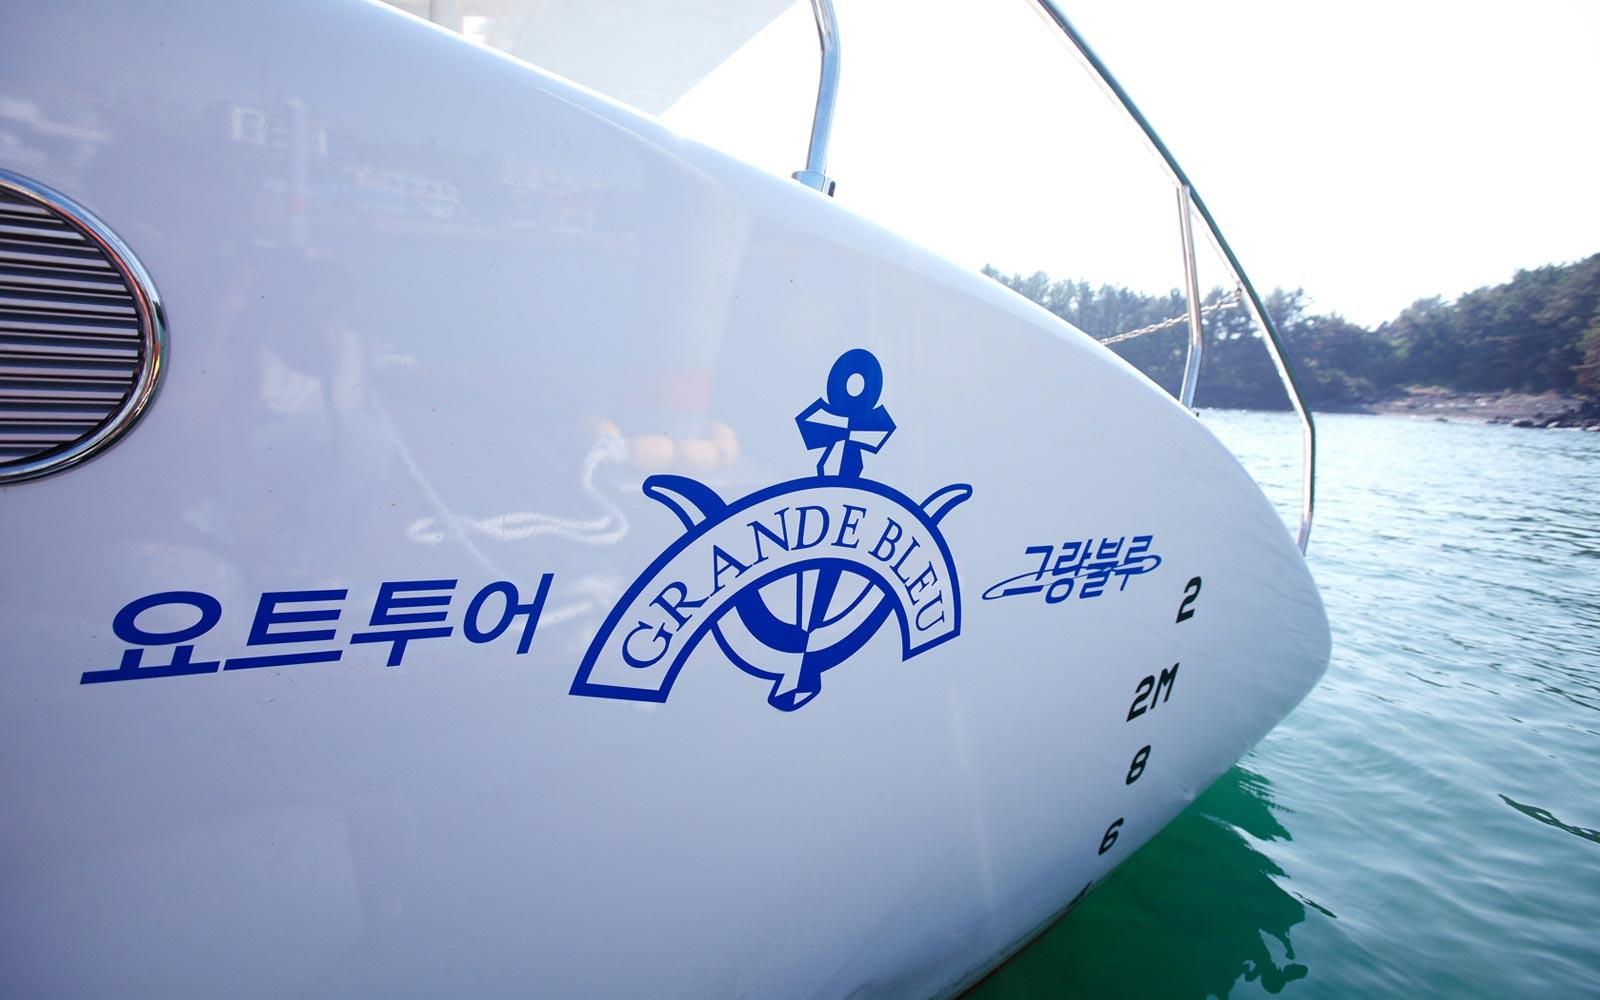 Trải nghiệm du thuyền Grandebleu tại Jeju